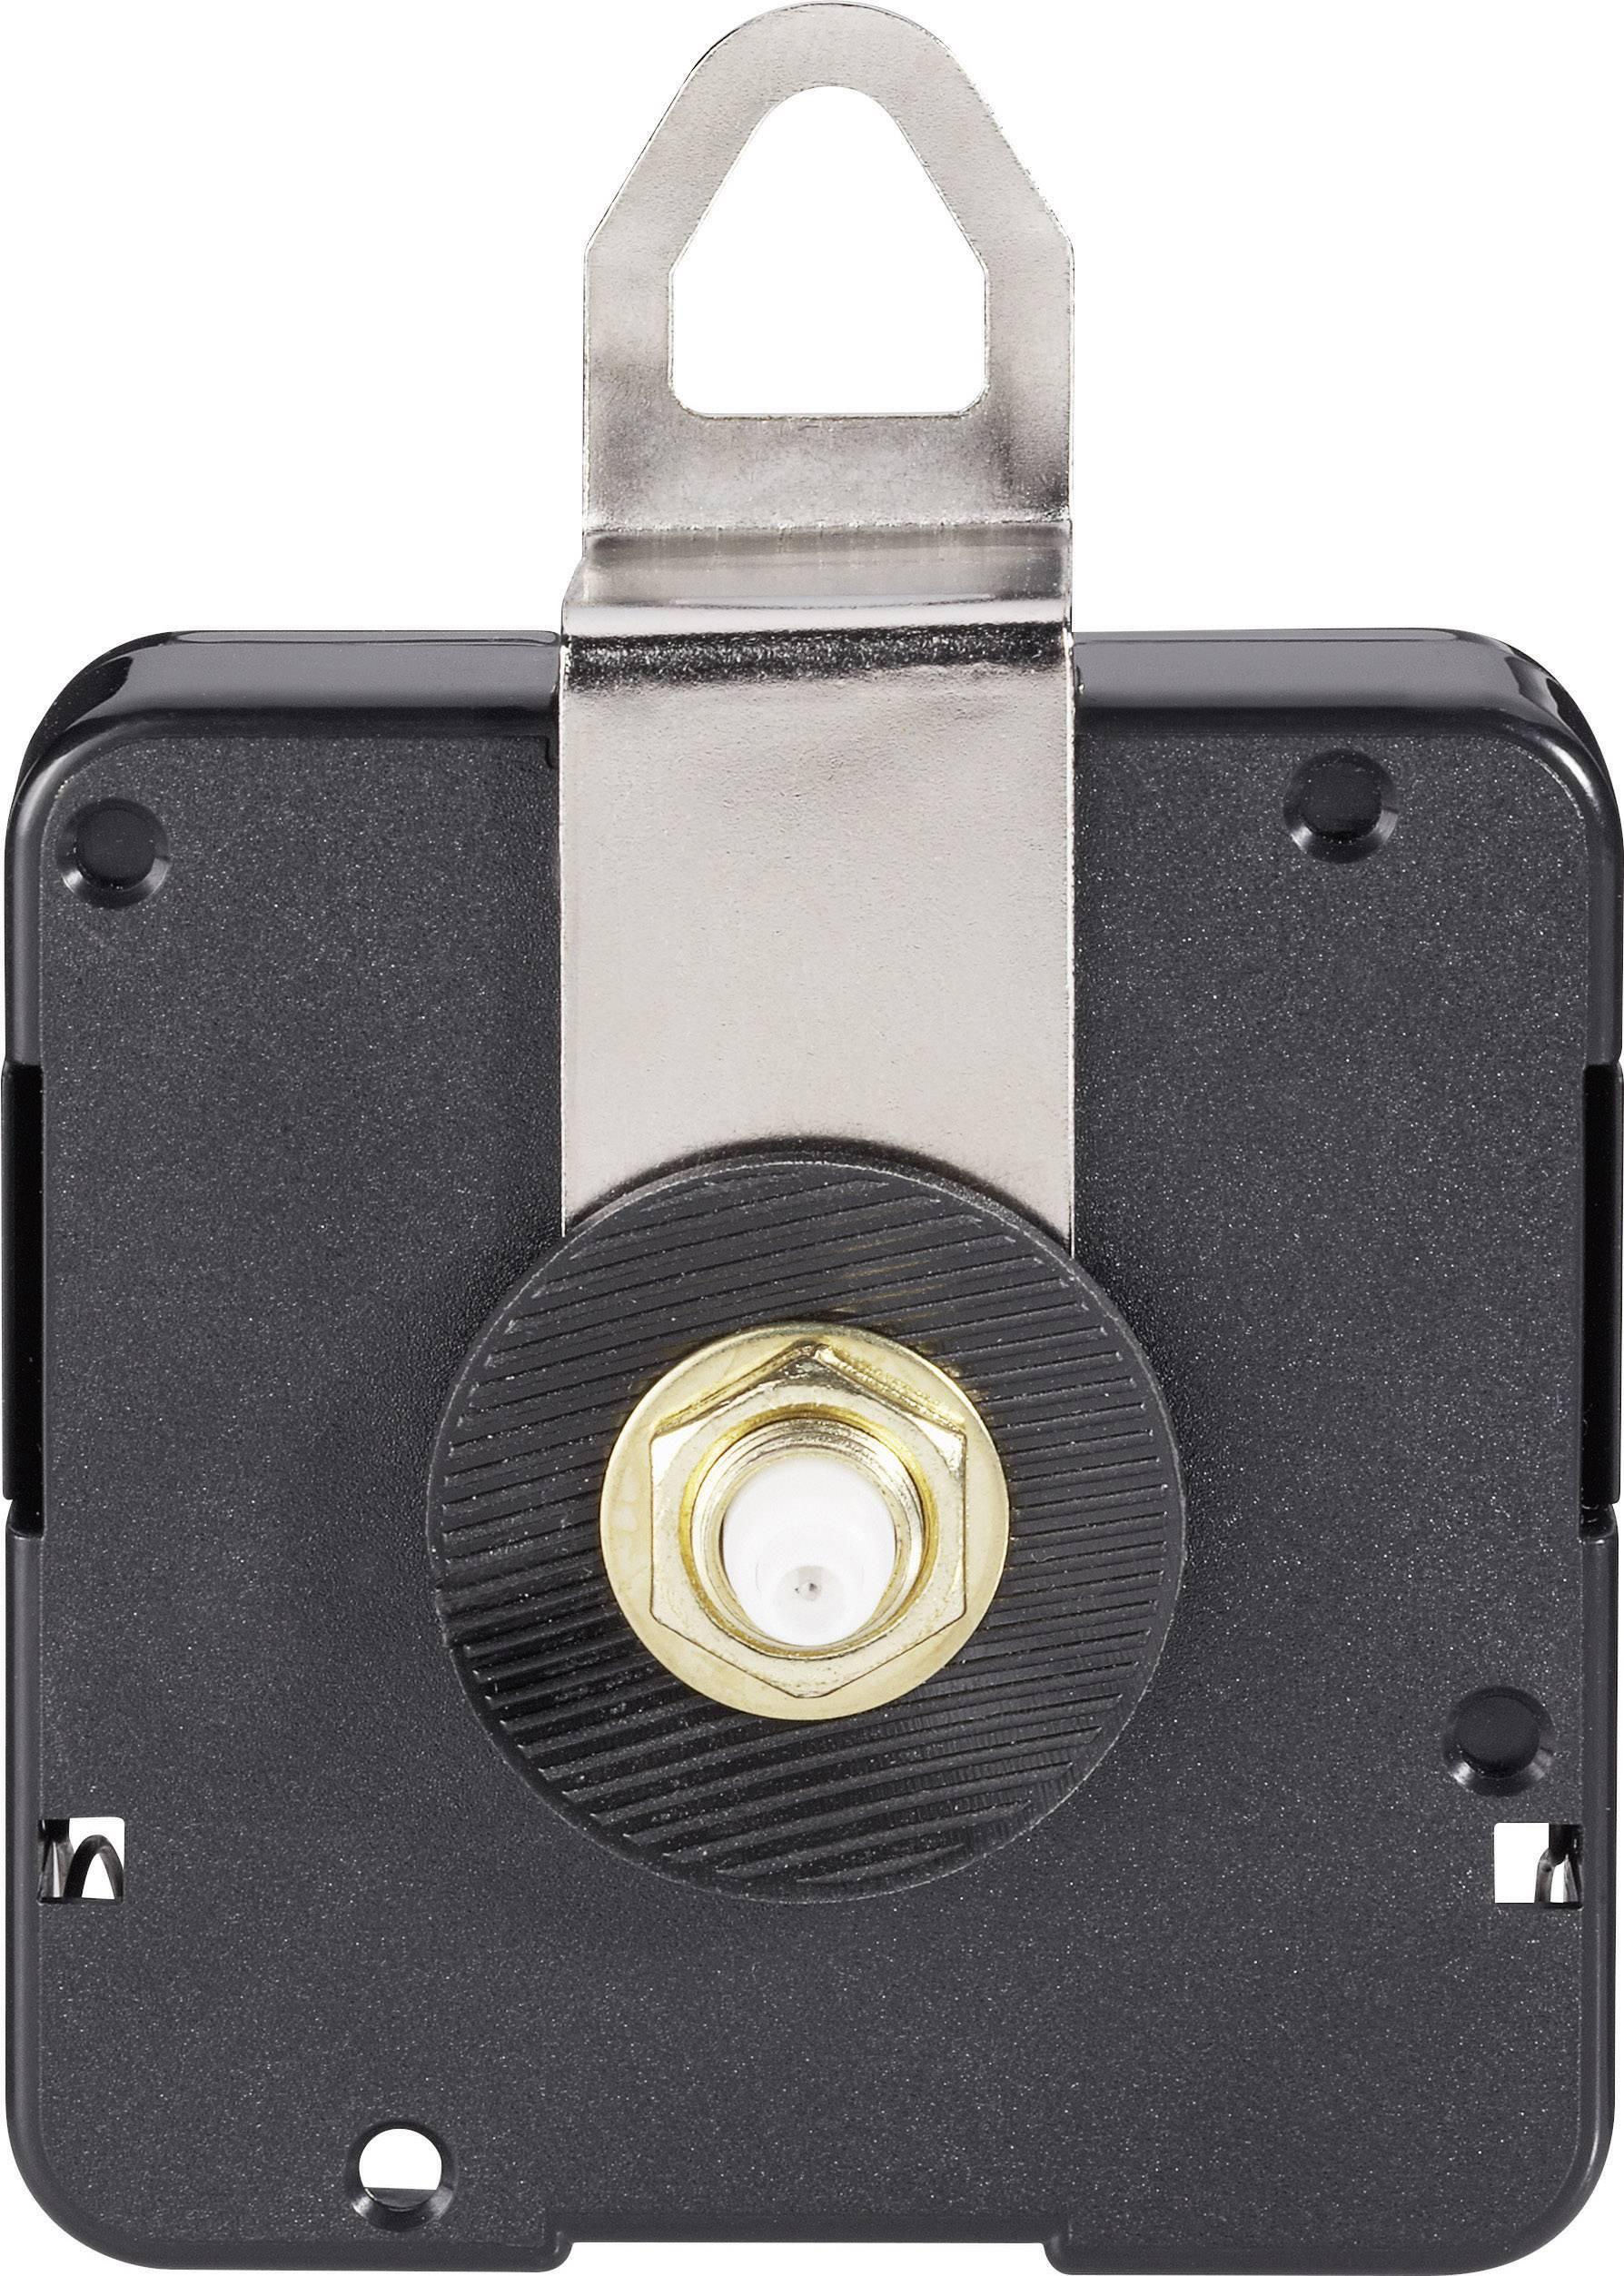 Quartz hodinový strojček so sekundovou ručičkou HD 1688 9080c10k,14.8 mm